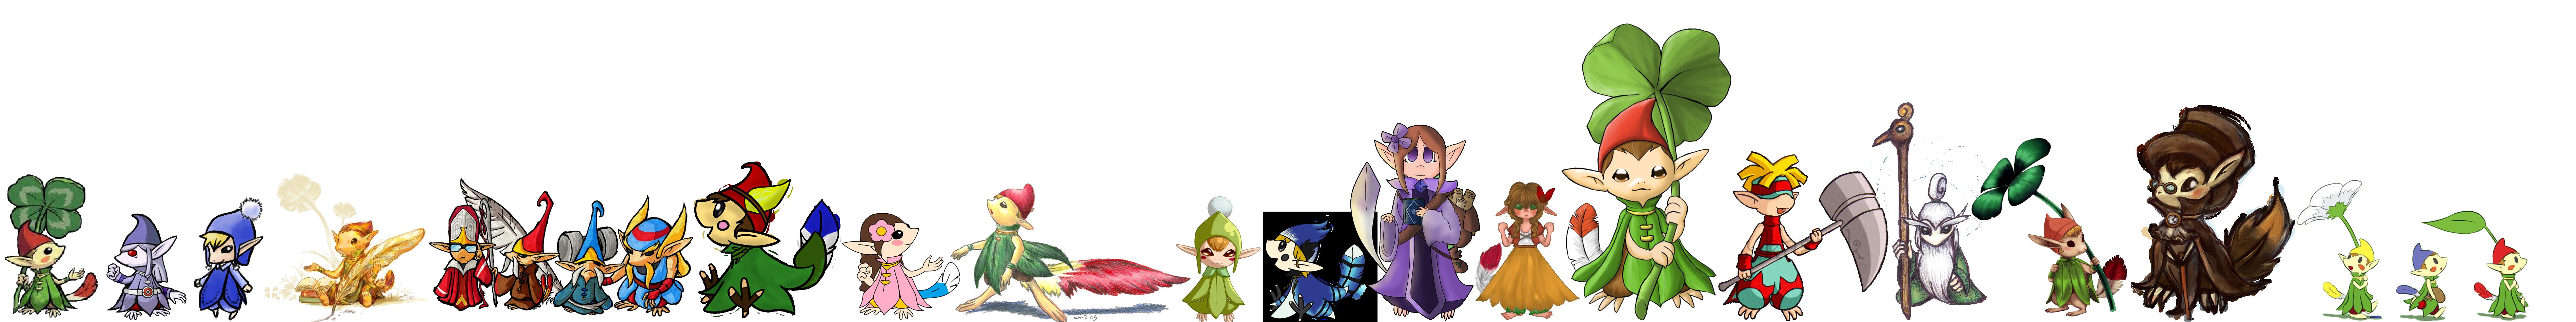 [CampagneS parallèles] Zelda LotR - 3*5 places LINEUPunscaledMINISH